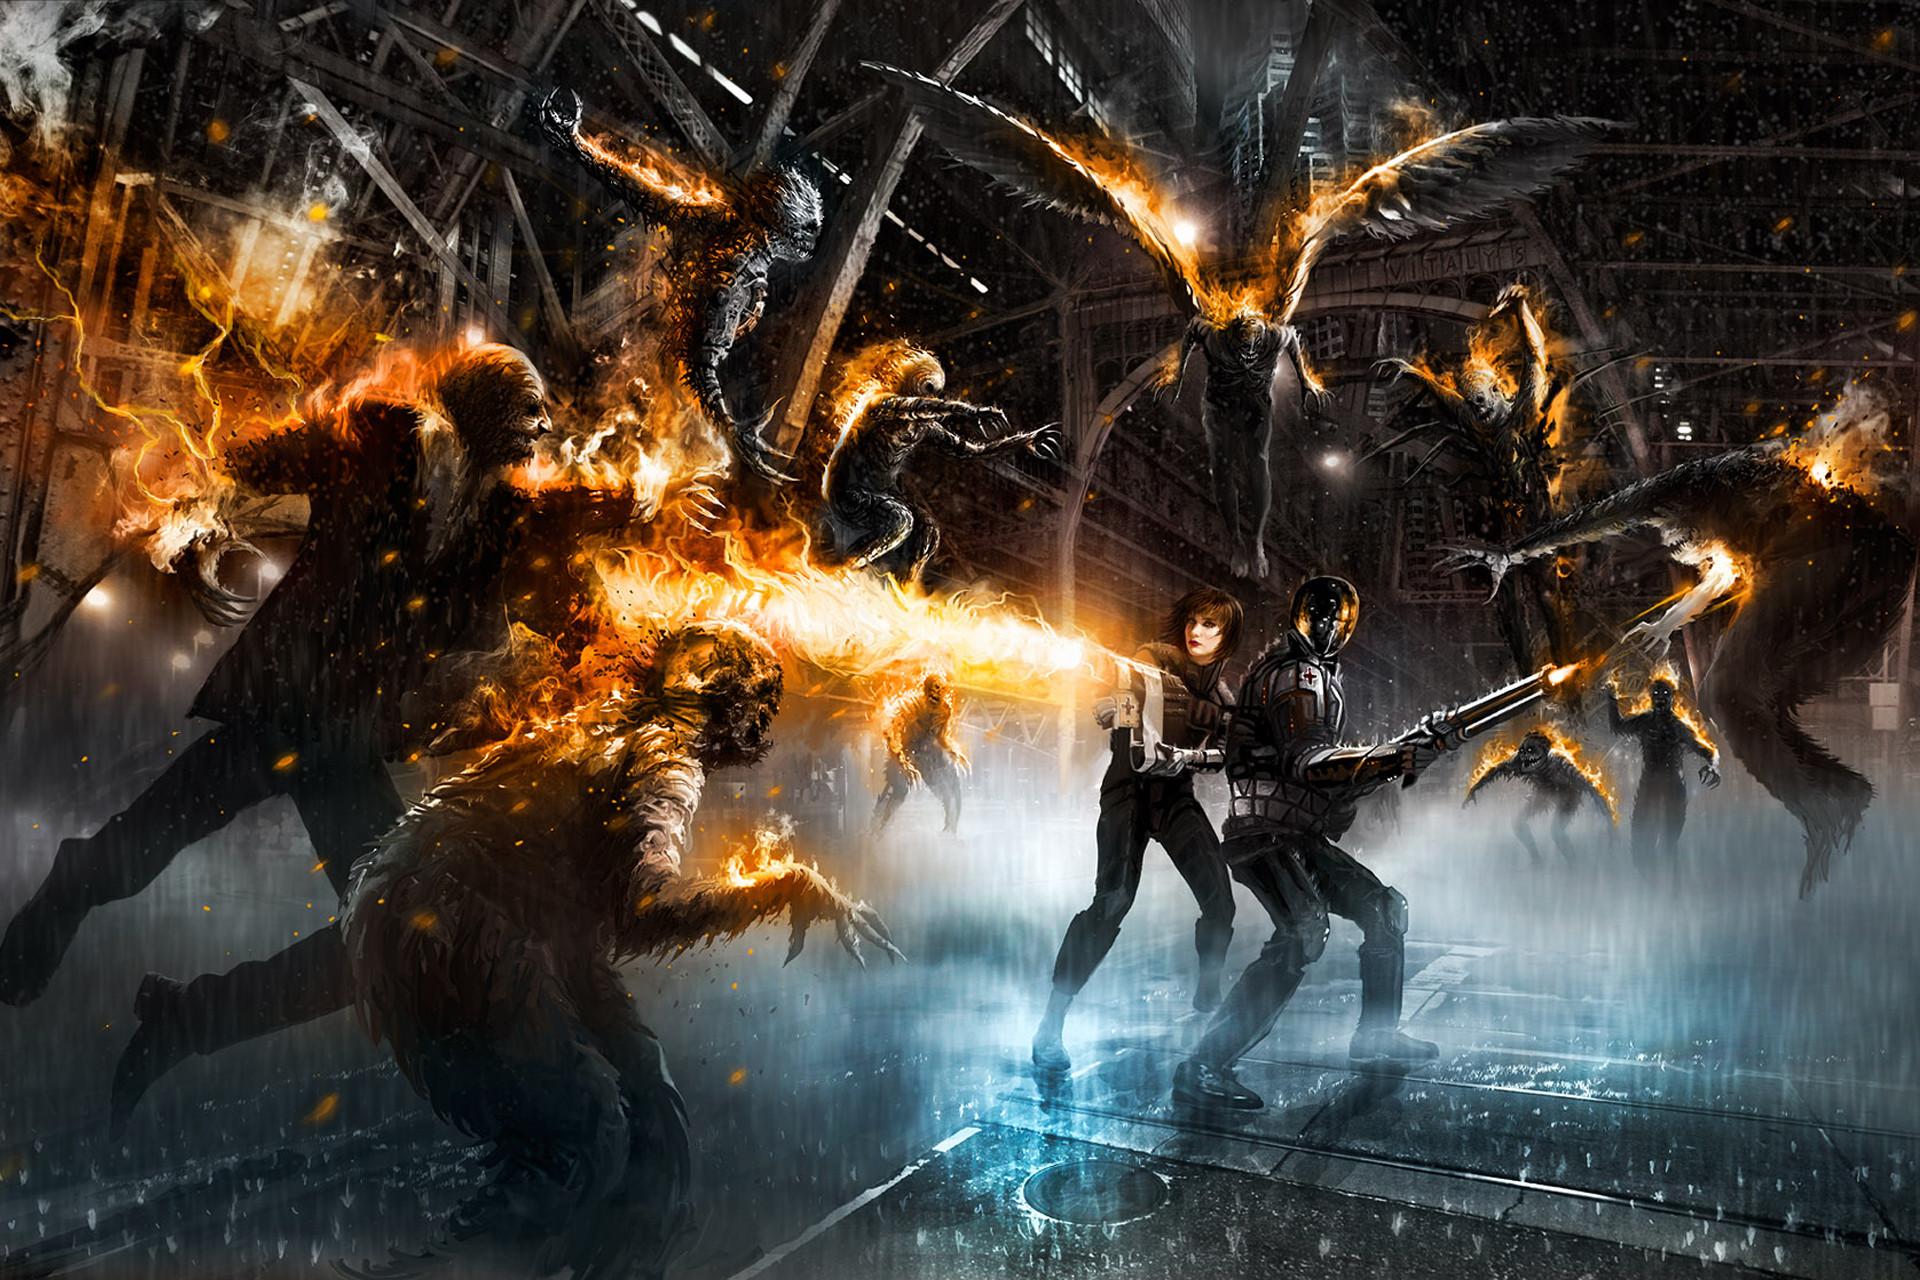 Fantasy Battle | Battle wallpaper 1280×800 | Fantasy battle .